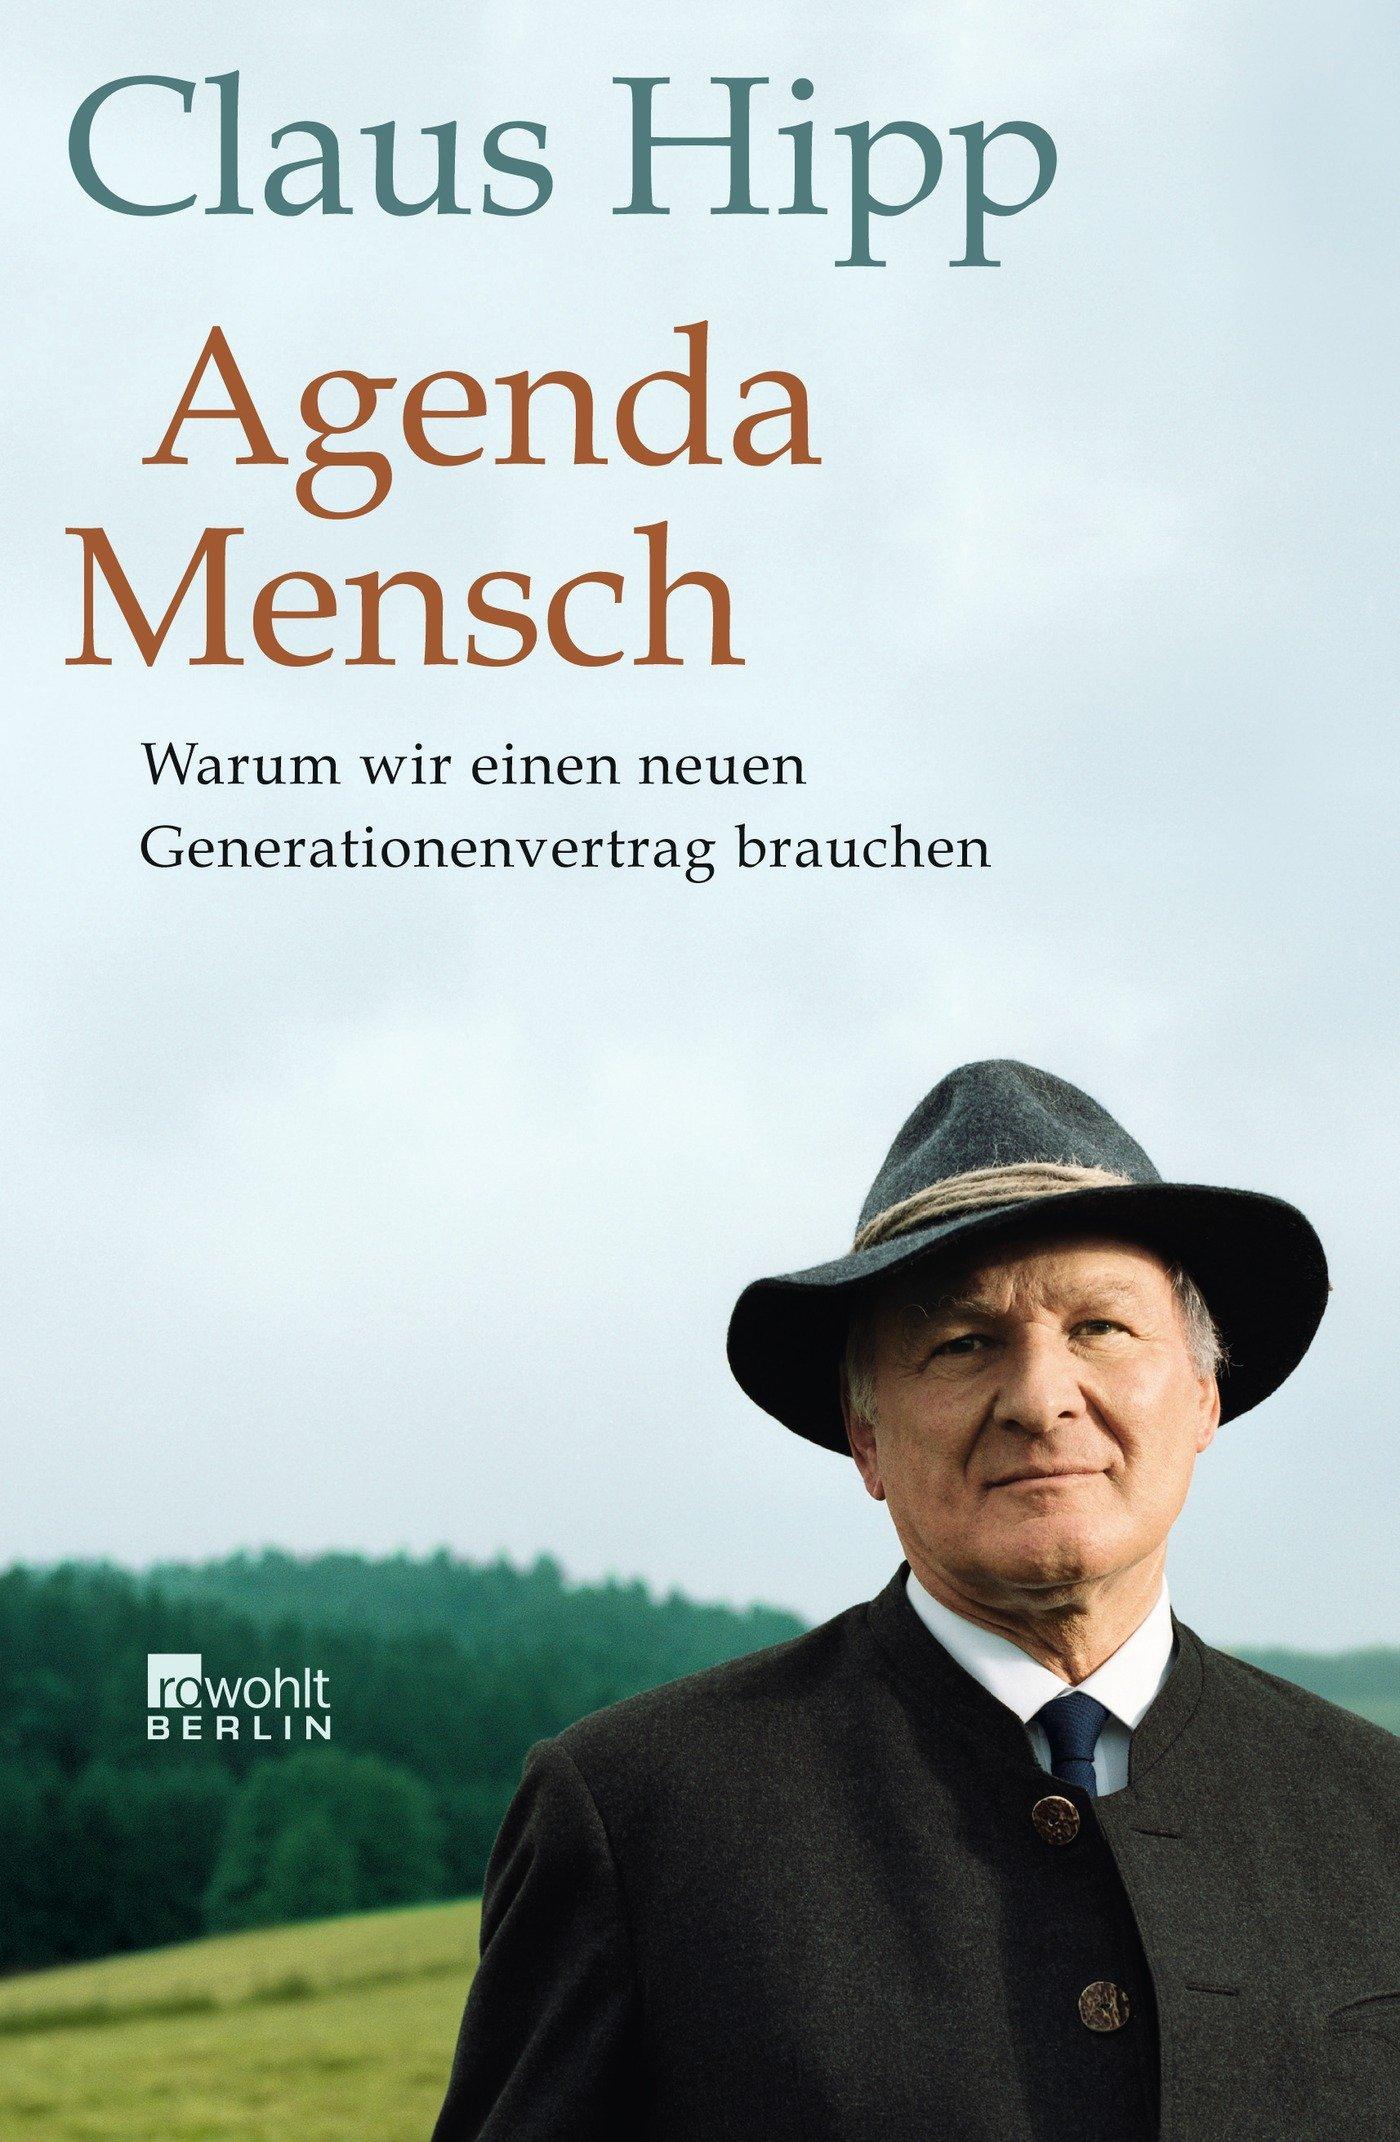 agenda-mensch-warum-wir-einen-neuen-generationenvertrag-brauchen